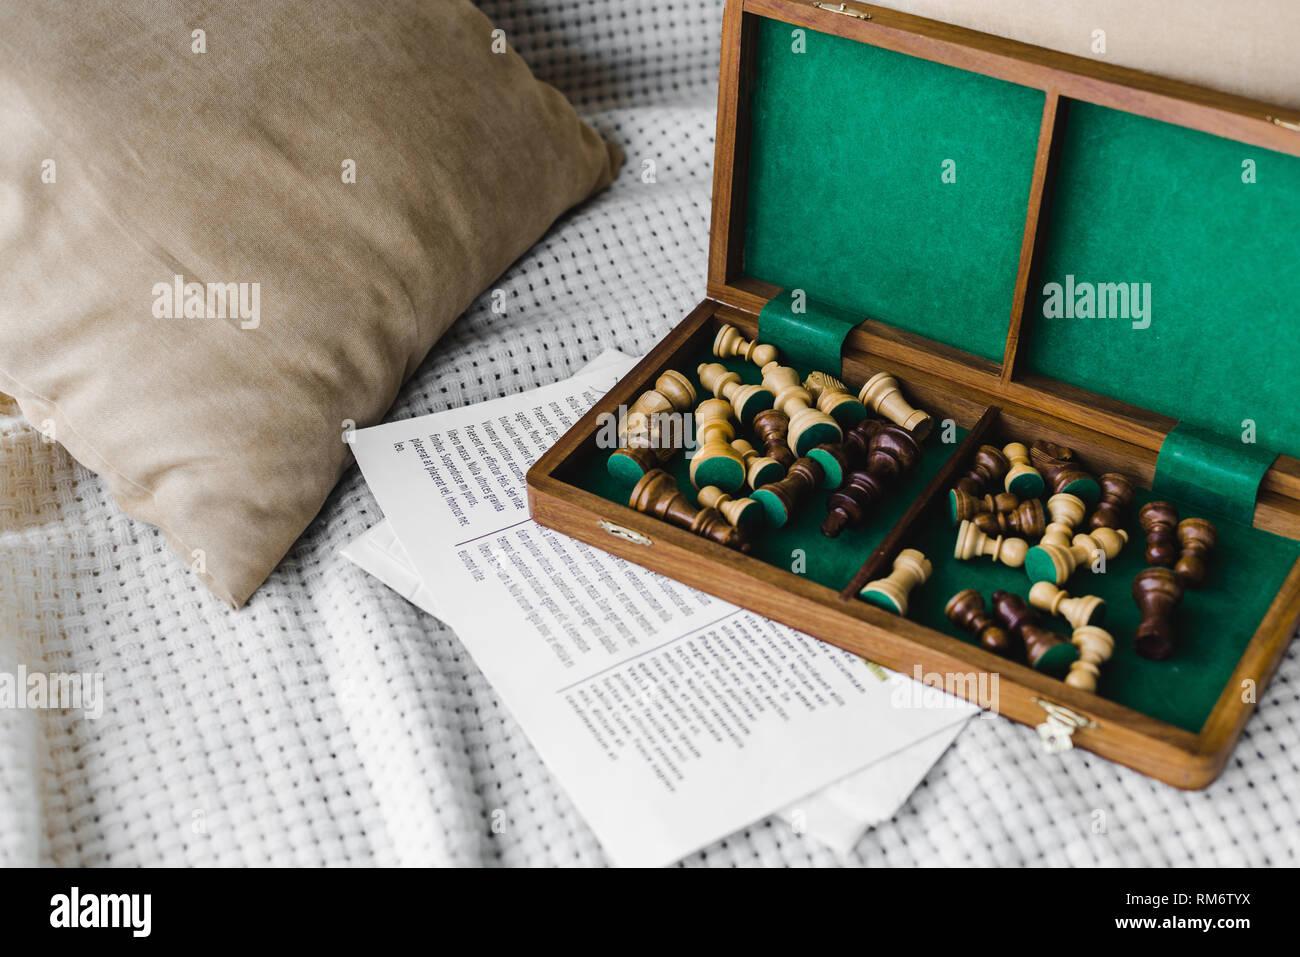 Holz- Schachbrett in der Nähe der Zeitung auf dem Sofa zu Hause Stockfoto